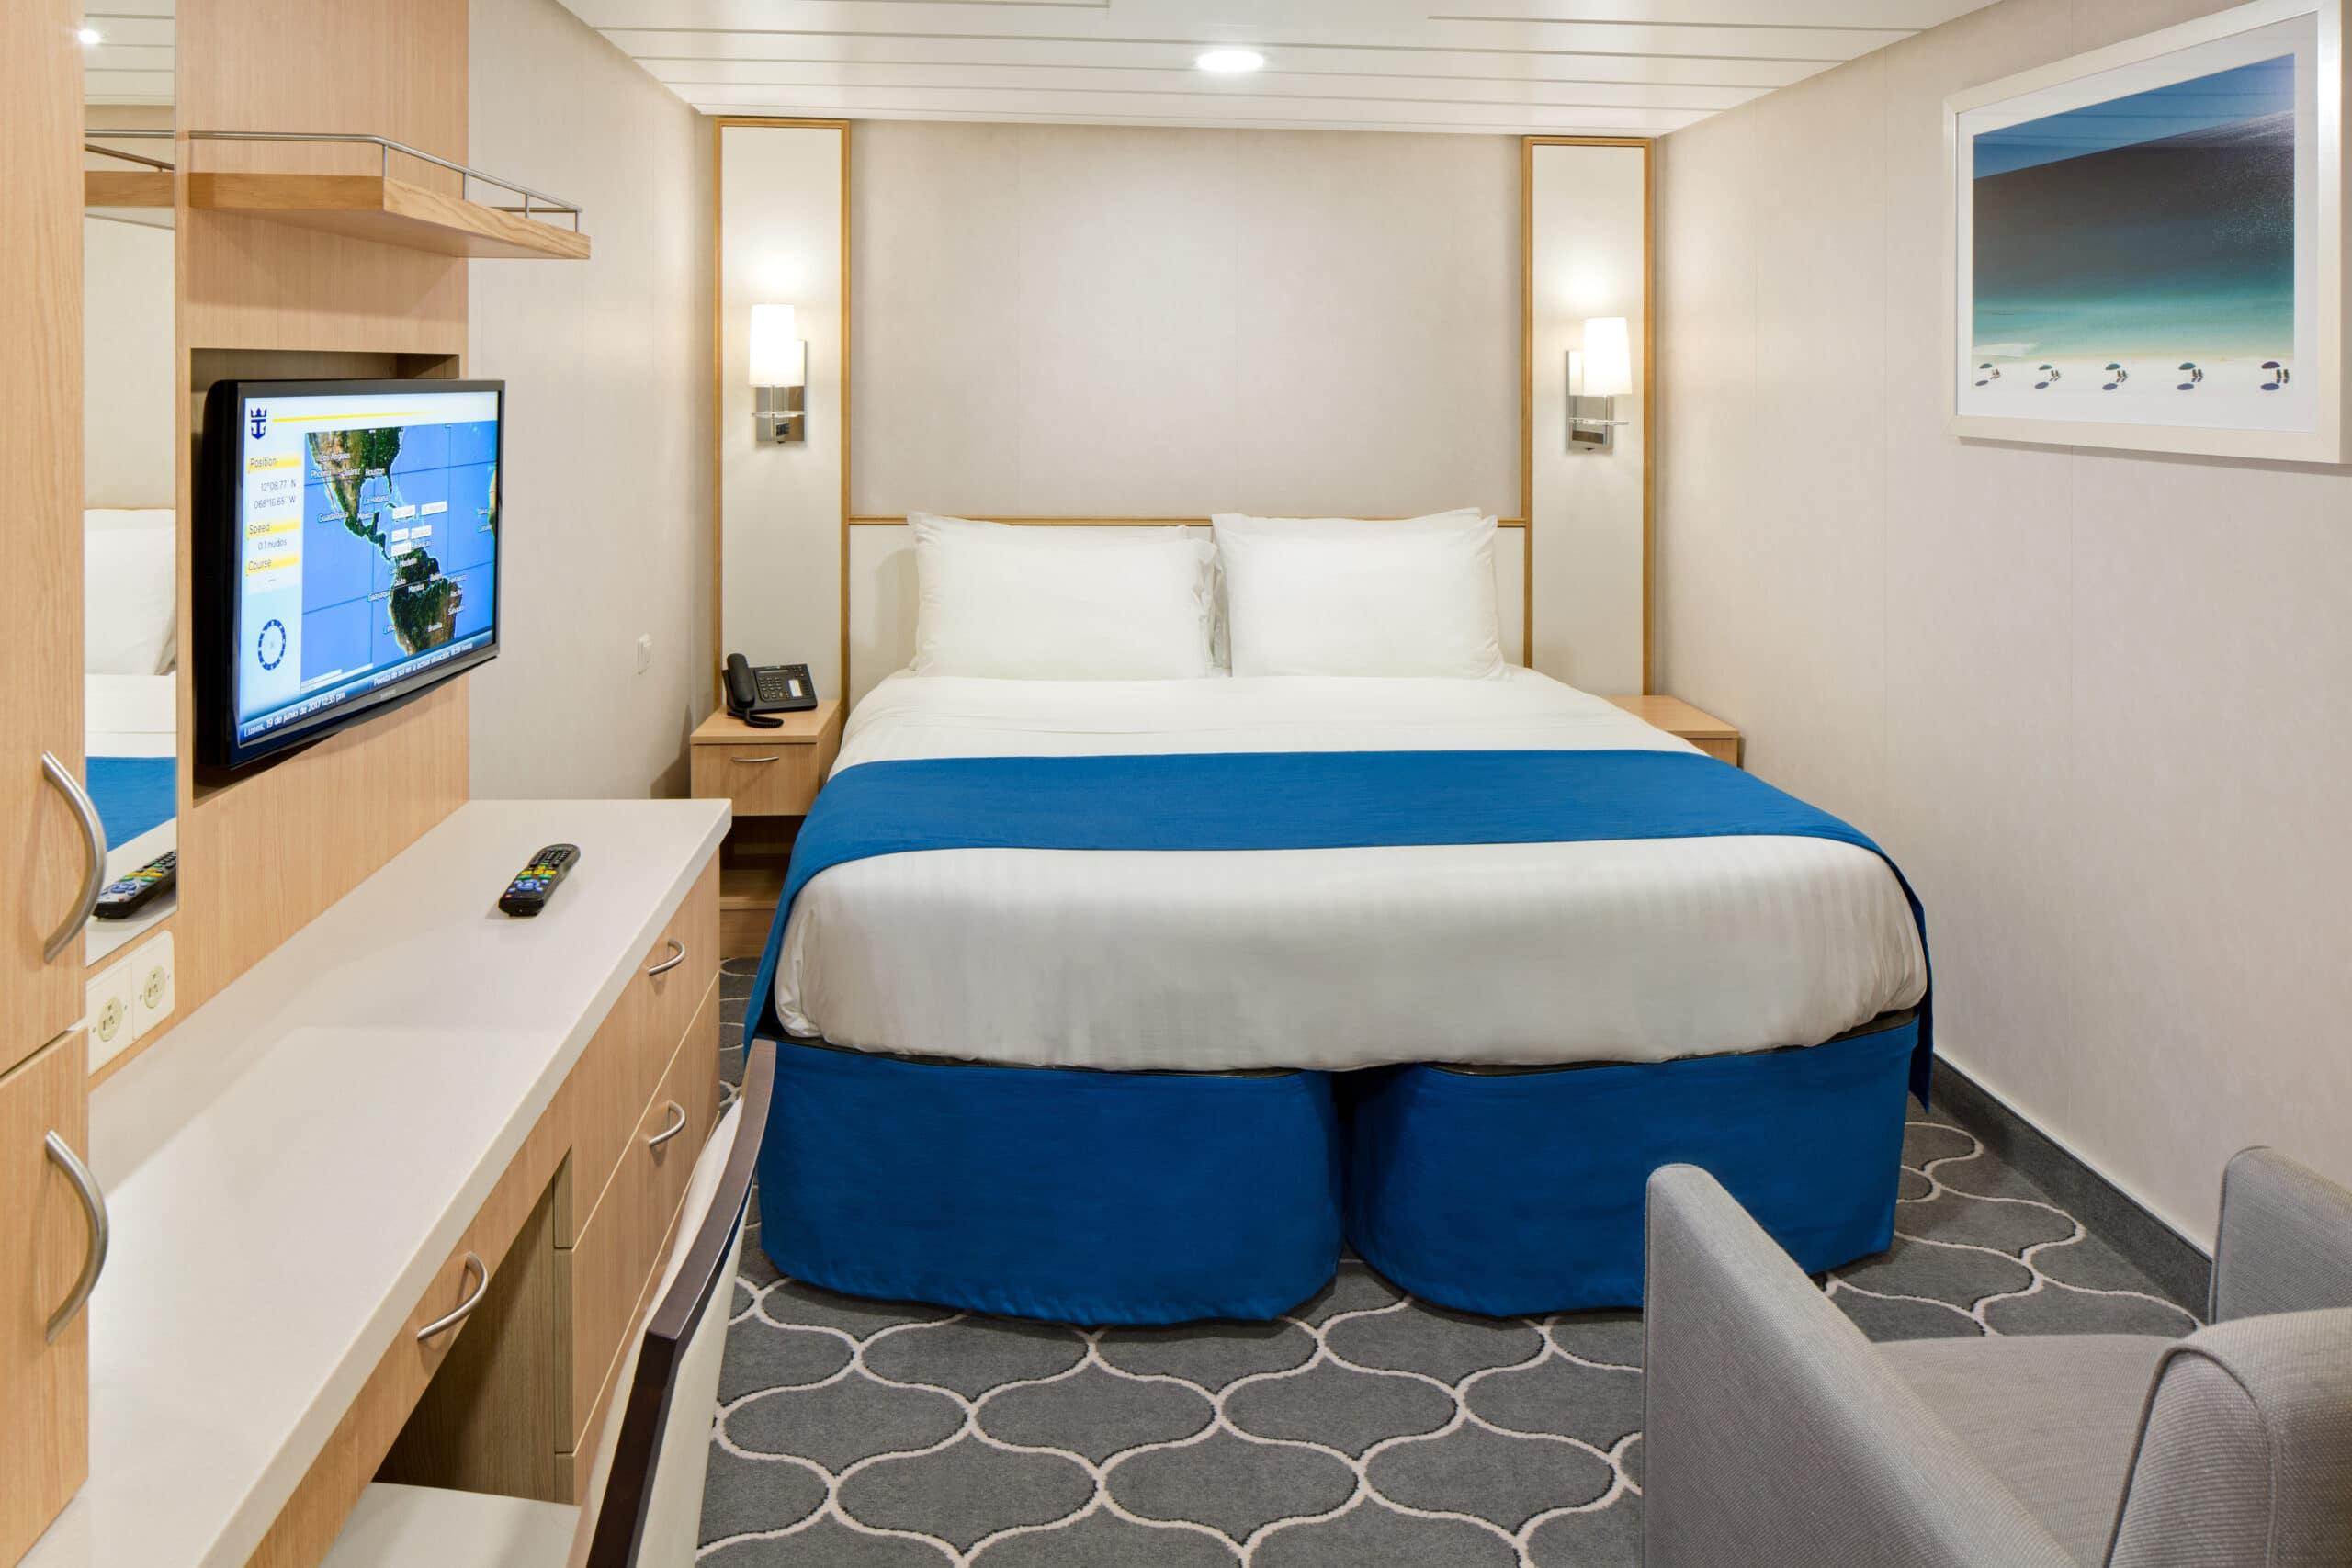 Royal-Caribbean-International-Adventureof-the-Seas-schip-cruiseschip-categorie-1V-2V-3V-4V-binnenhut